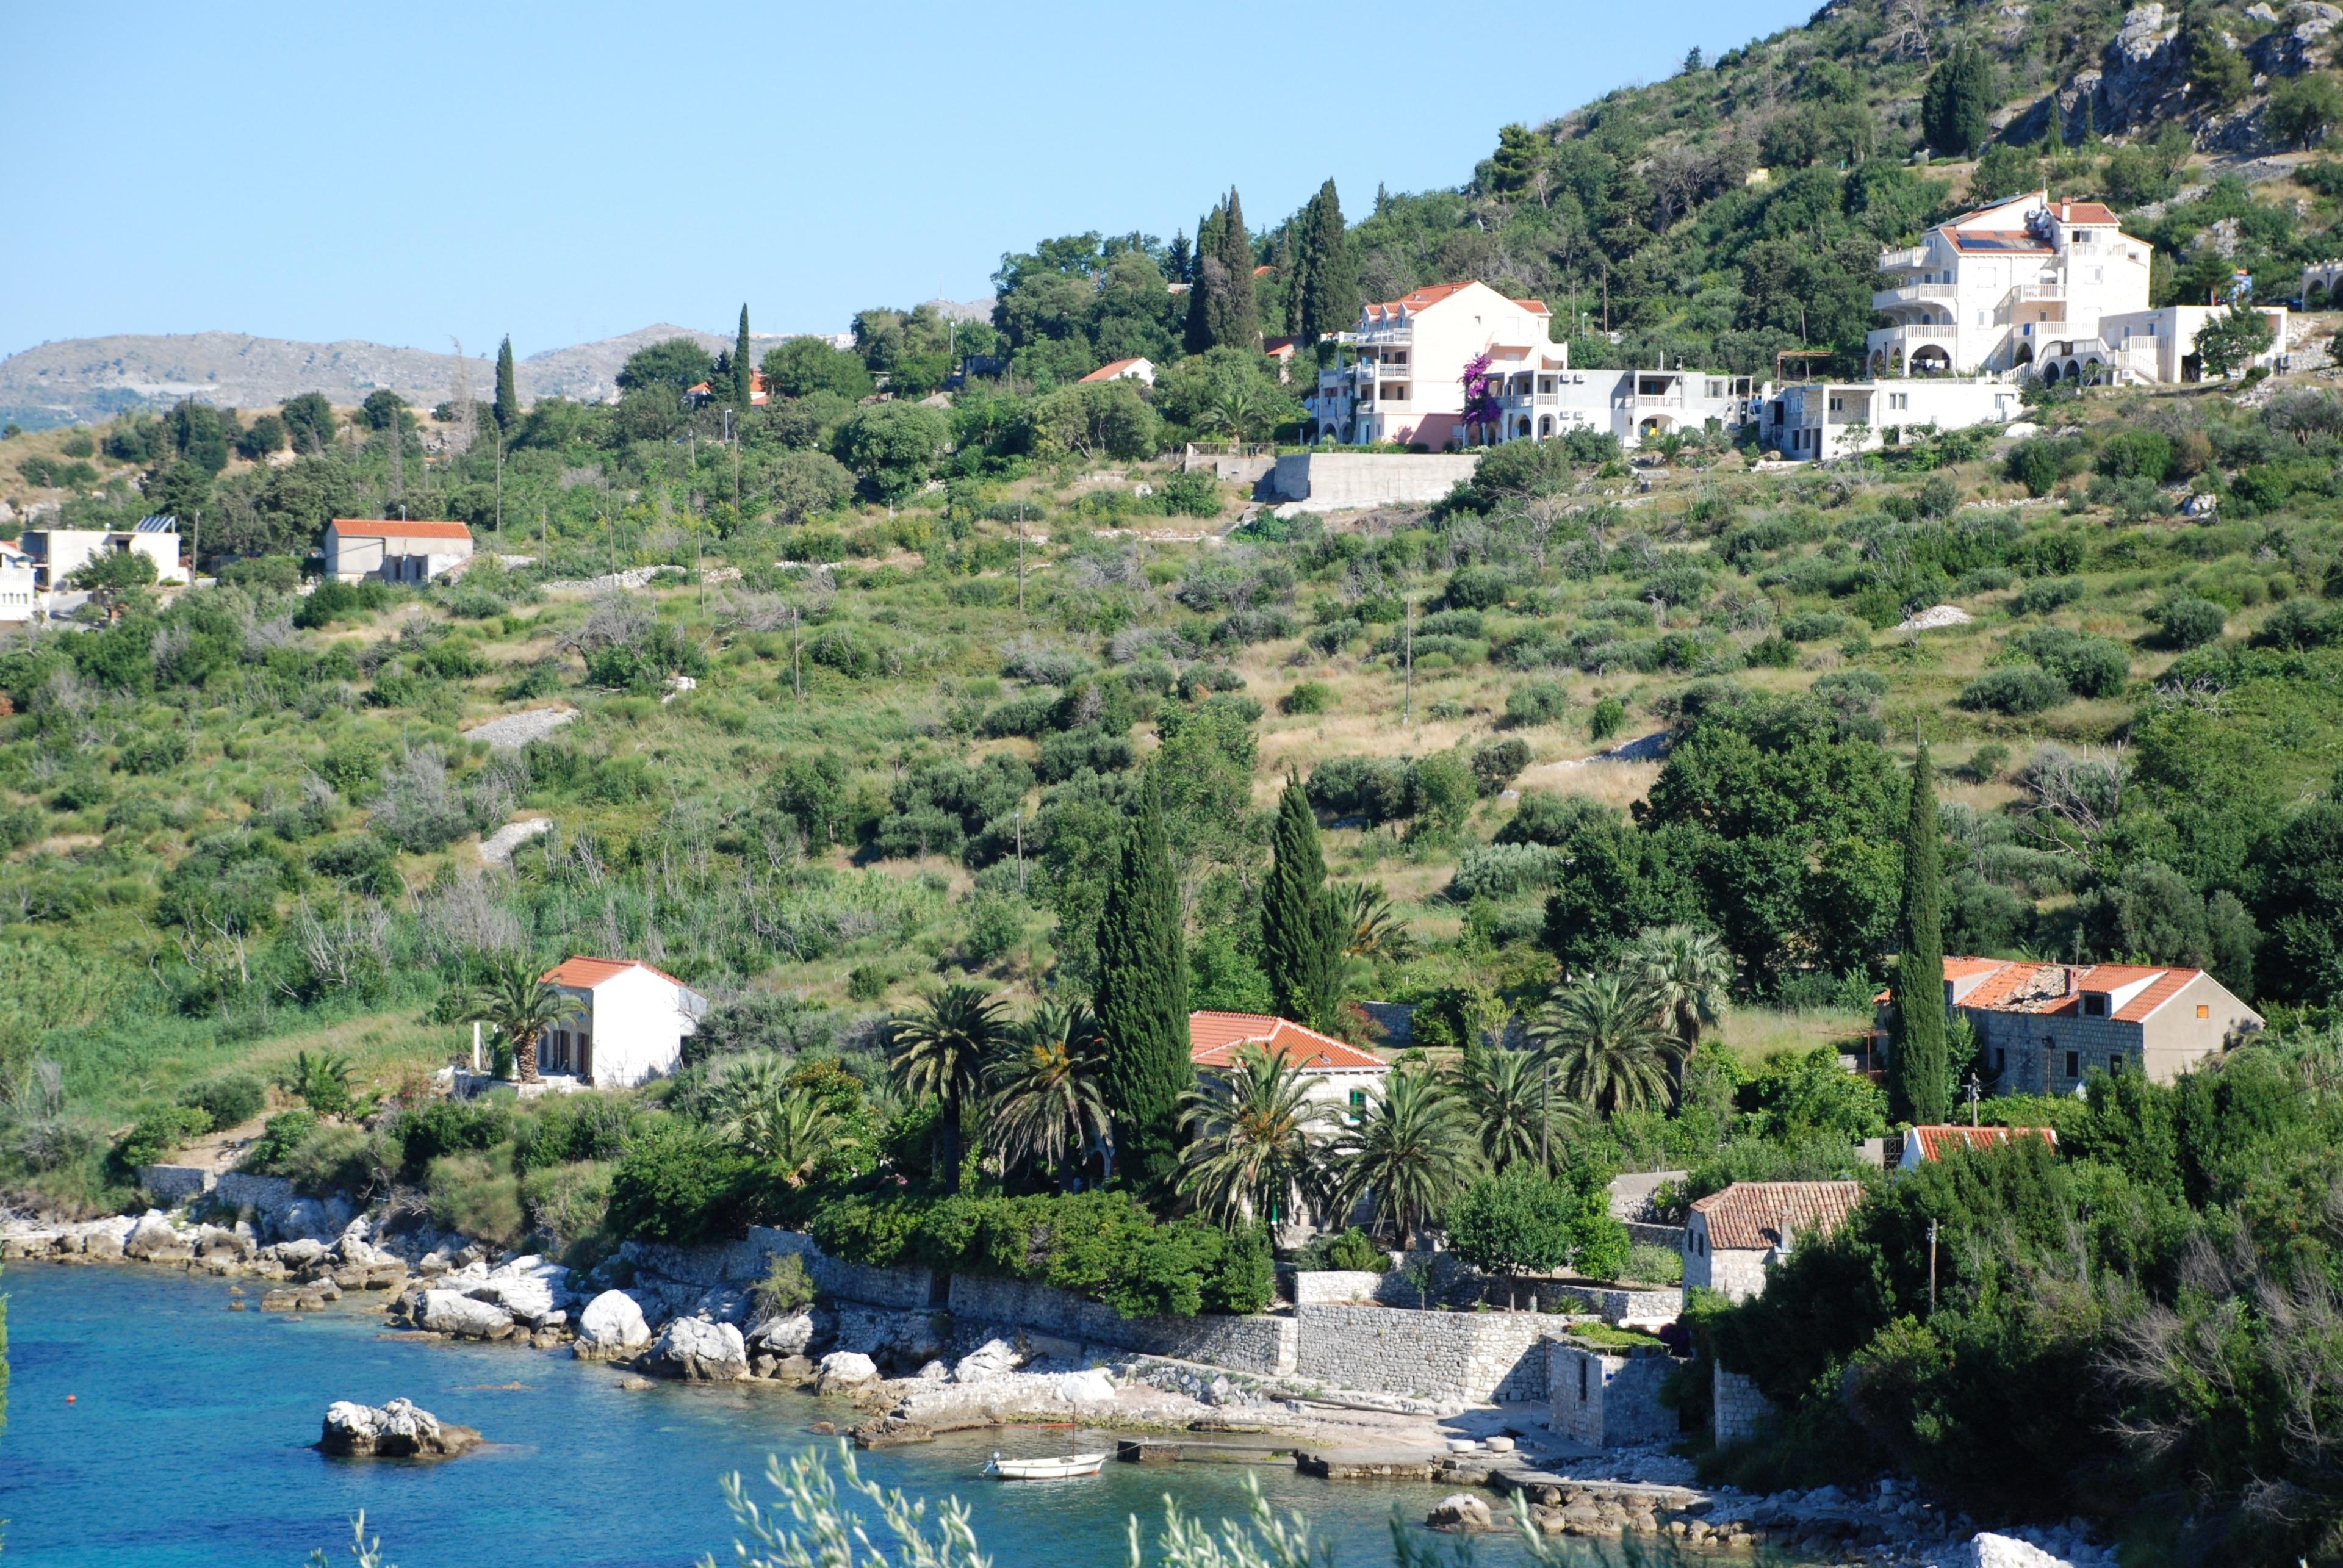 Zupa dubrovacka, Dubrovnik-Neretva, Croatia